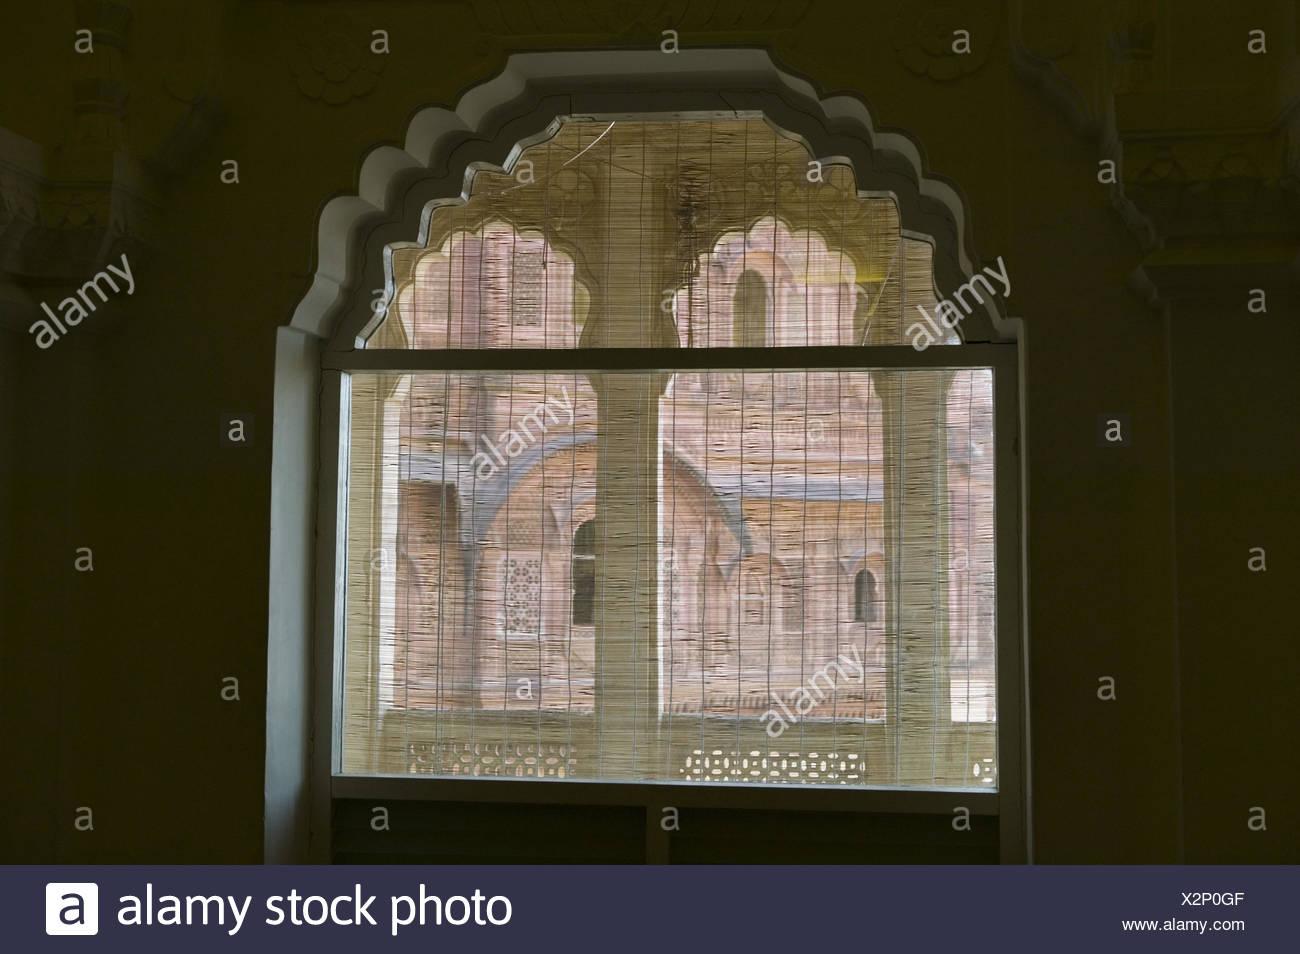 Indien, Rajasthan, Jodhpur, Meherangarh Fort, Fenster, Detail, Asien, Südasien, Reiseziel, Sehenswürdigkeit, Fort, Innen, Jalousie, Transparenz, Dunkelheit, Menschenleer, Stockbild